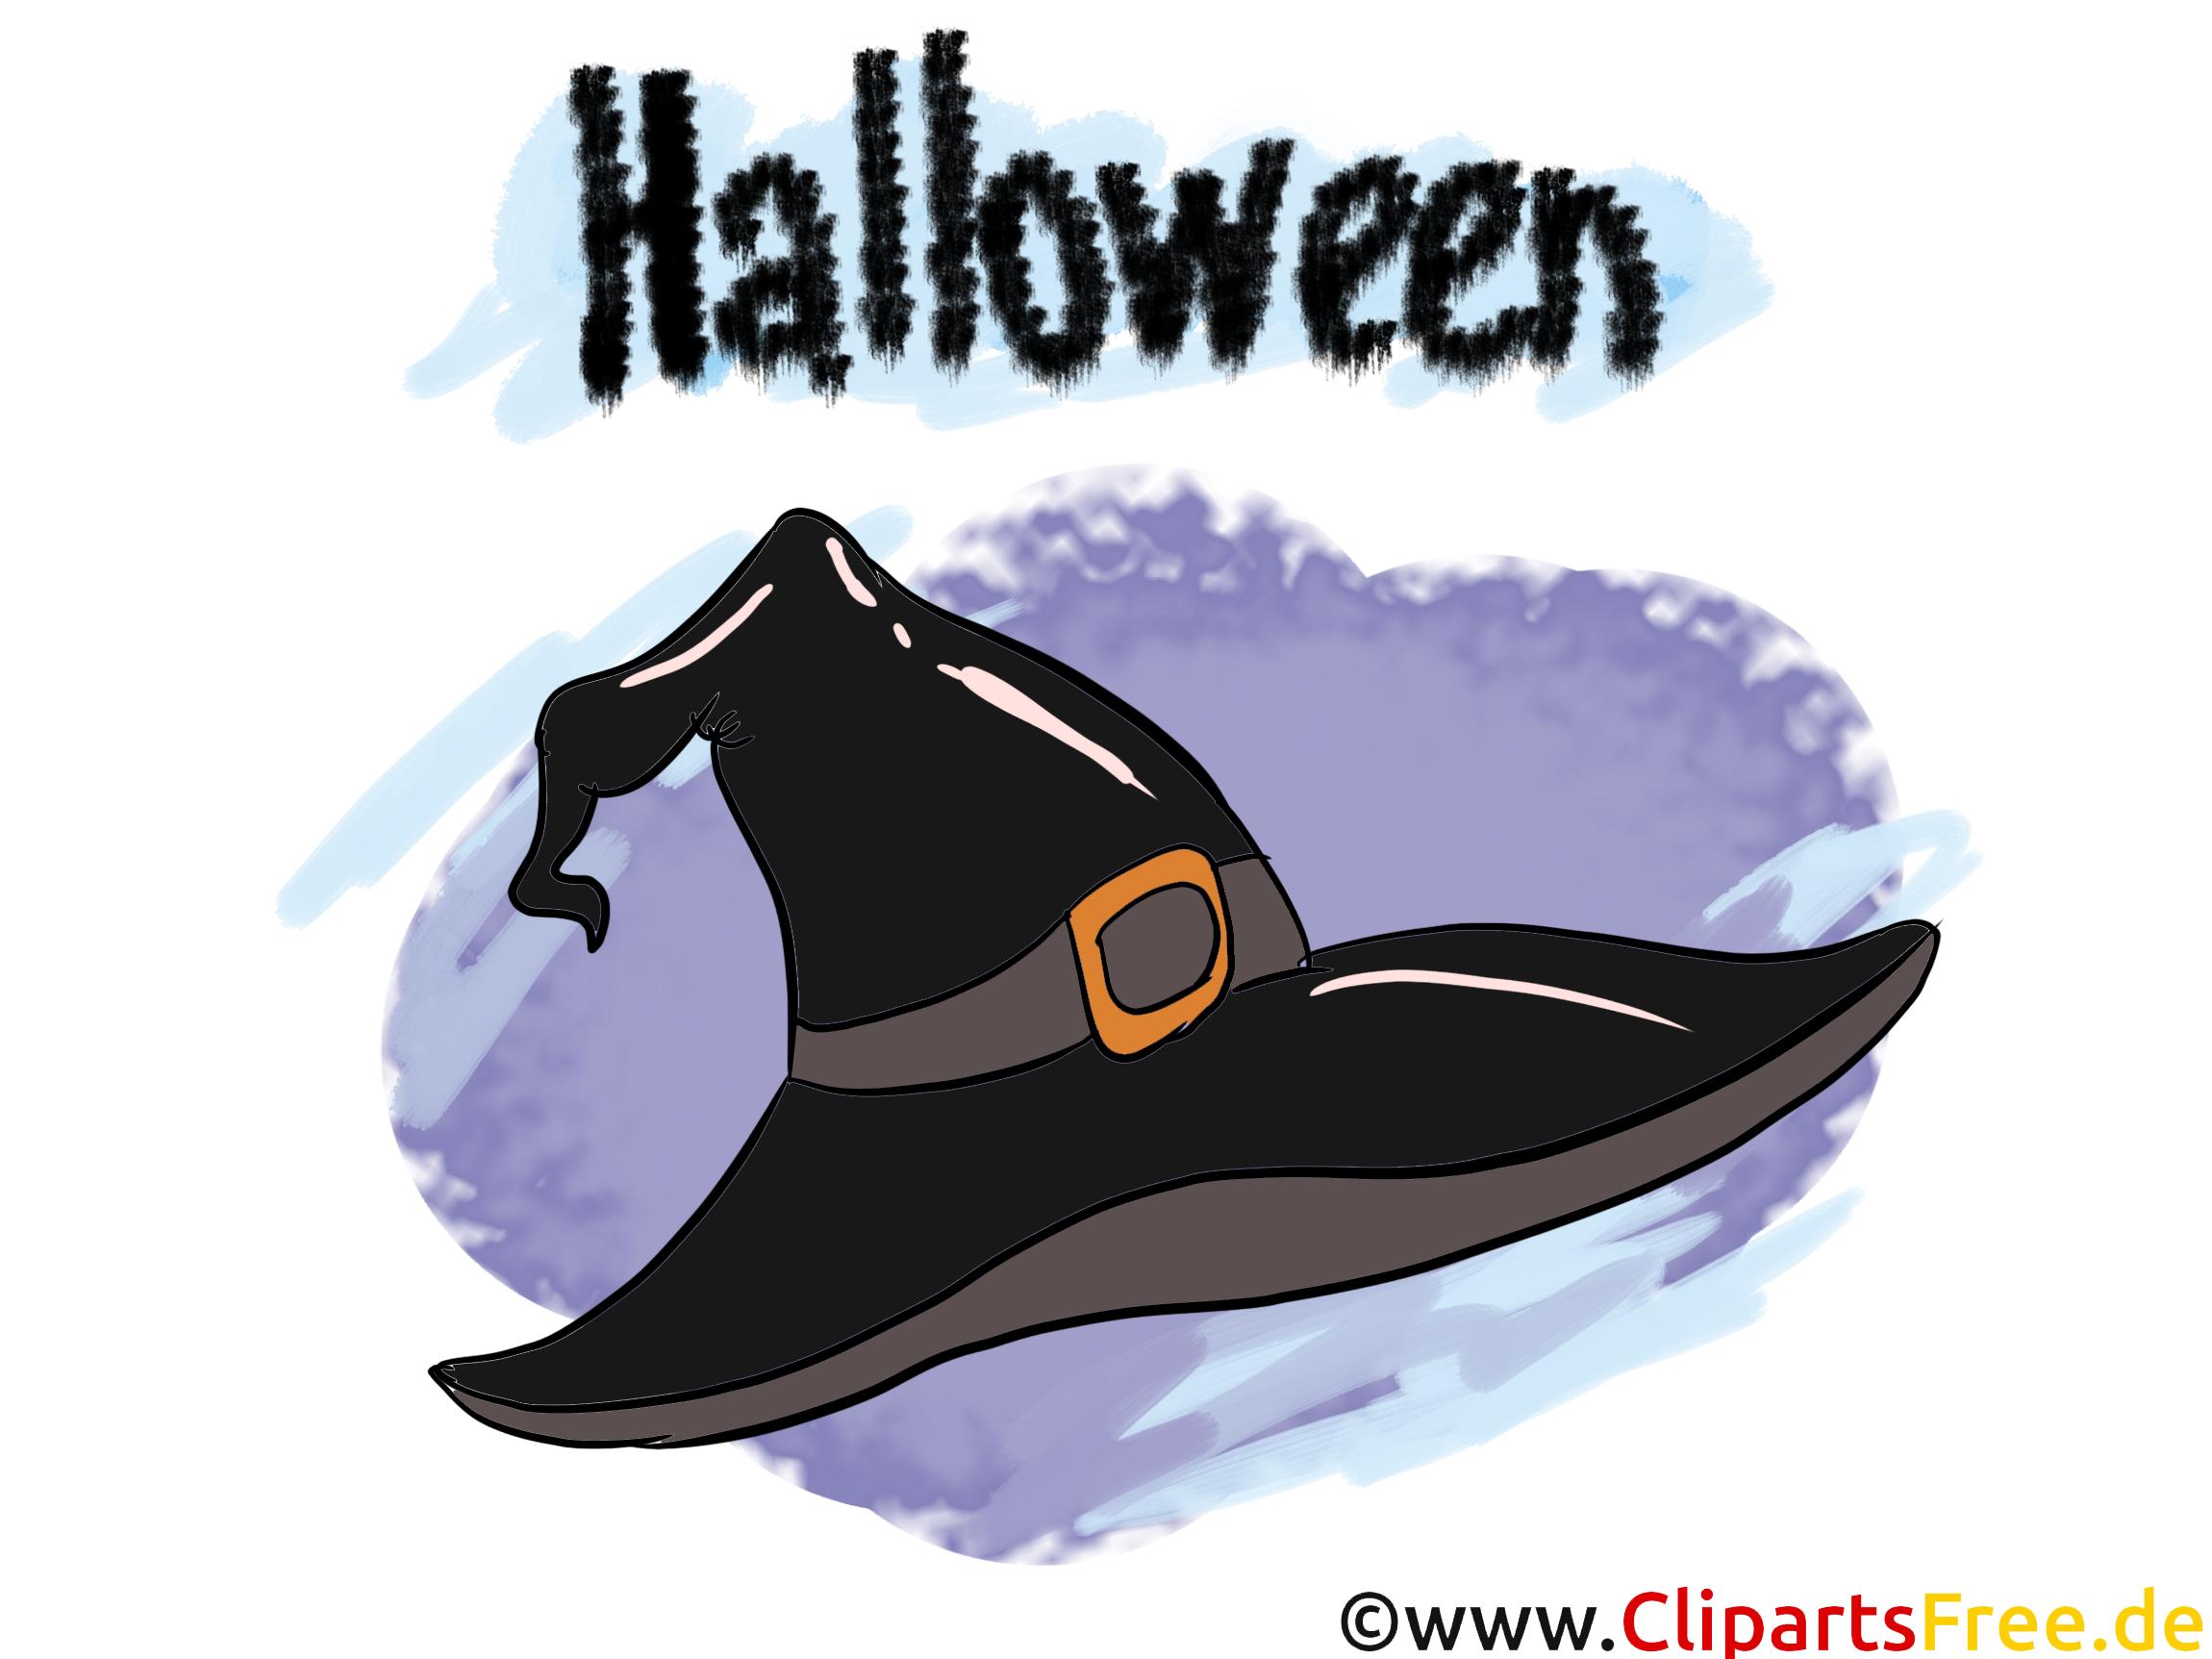 Clipart Wizard Witches Hat - Illustraties, afbeeldingen, clipart, strips en cartoons voor Halloween